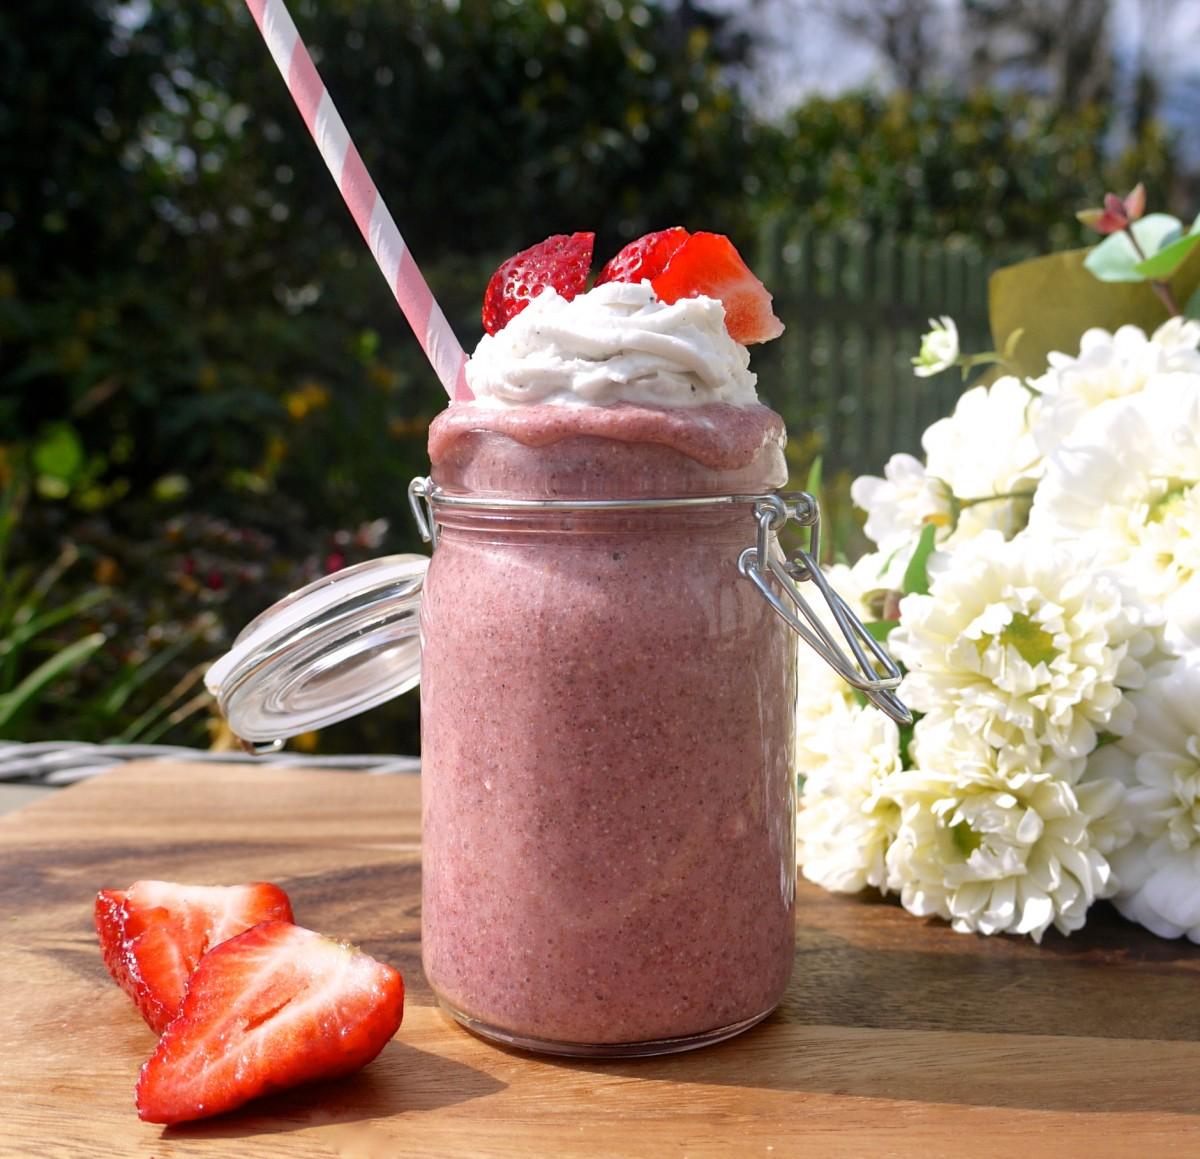 Strawberries and Cream Summer Shake